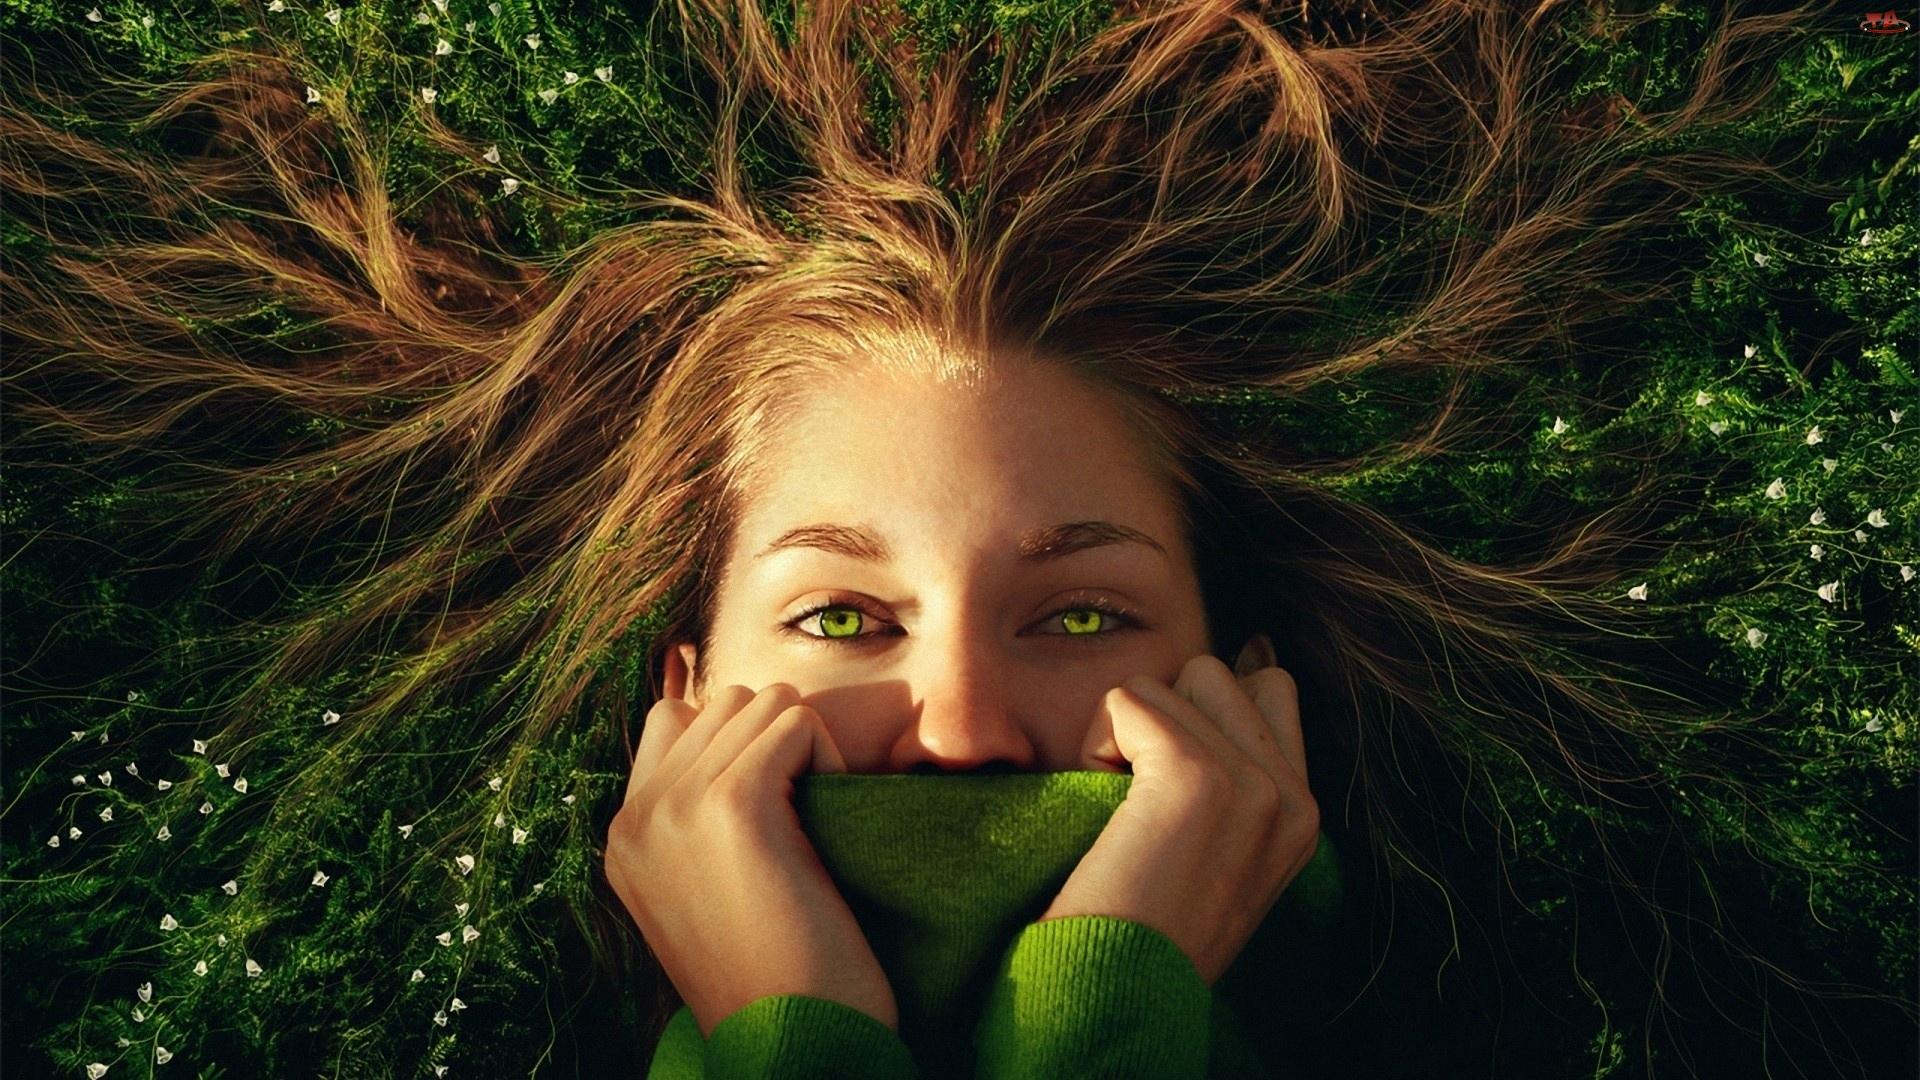 Zielone, Zakryte, Twarz, Rozwiane, Kobieta, Włosy, Oczy, Usta